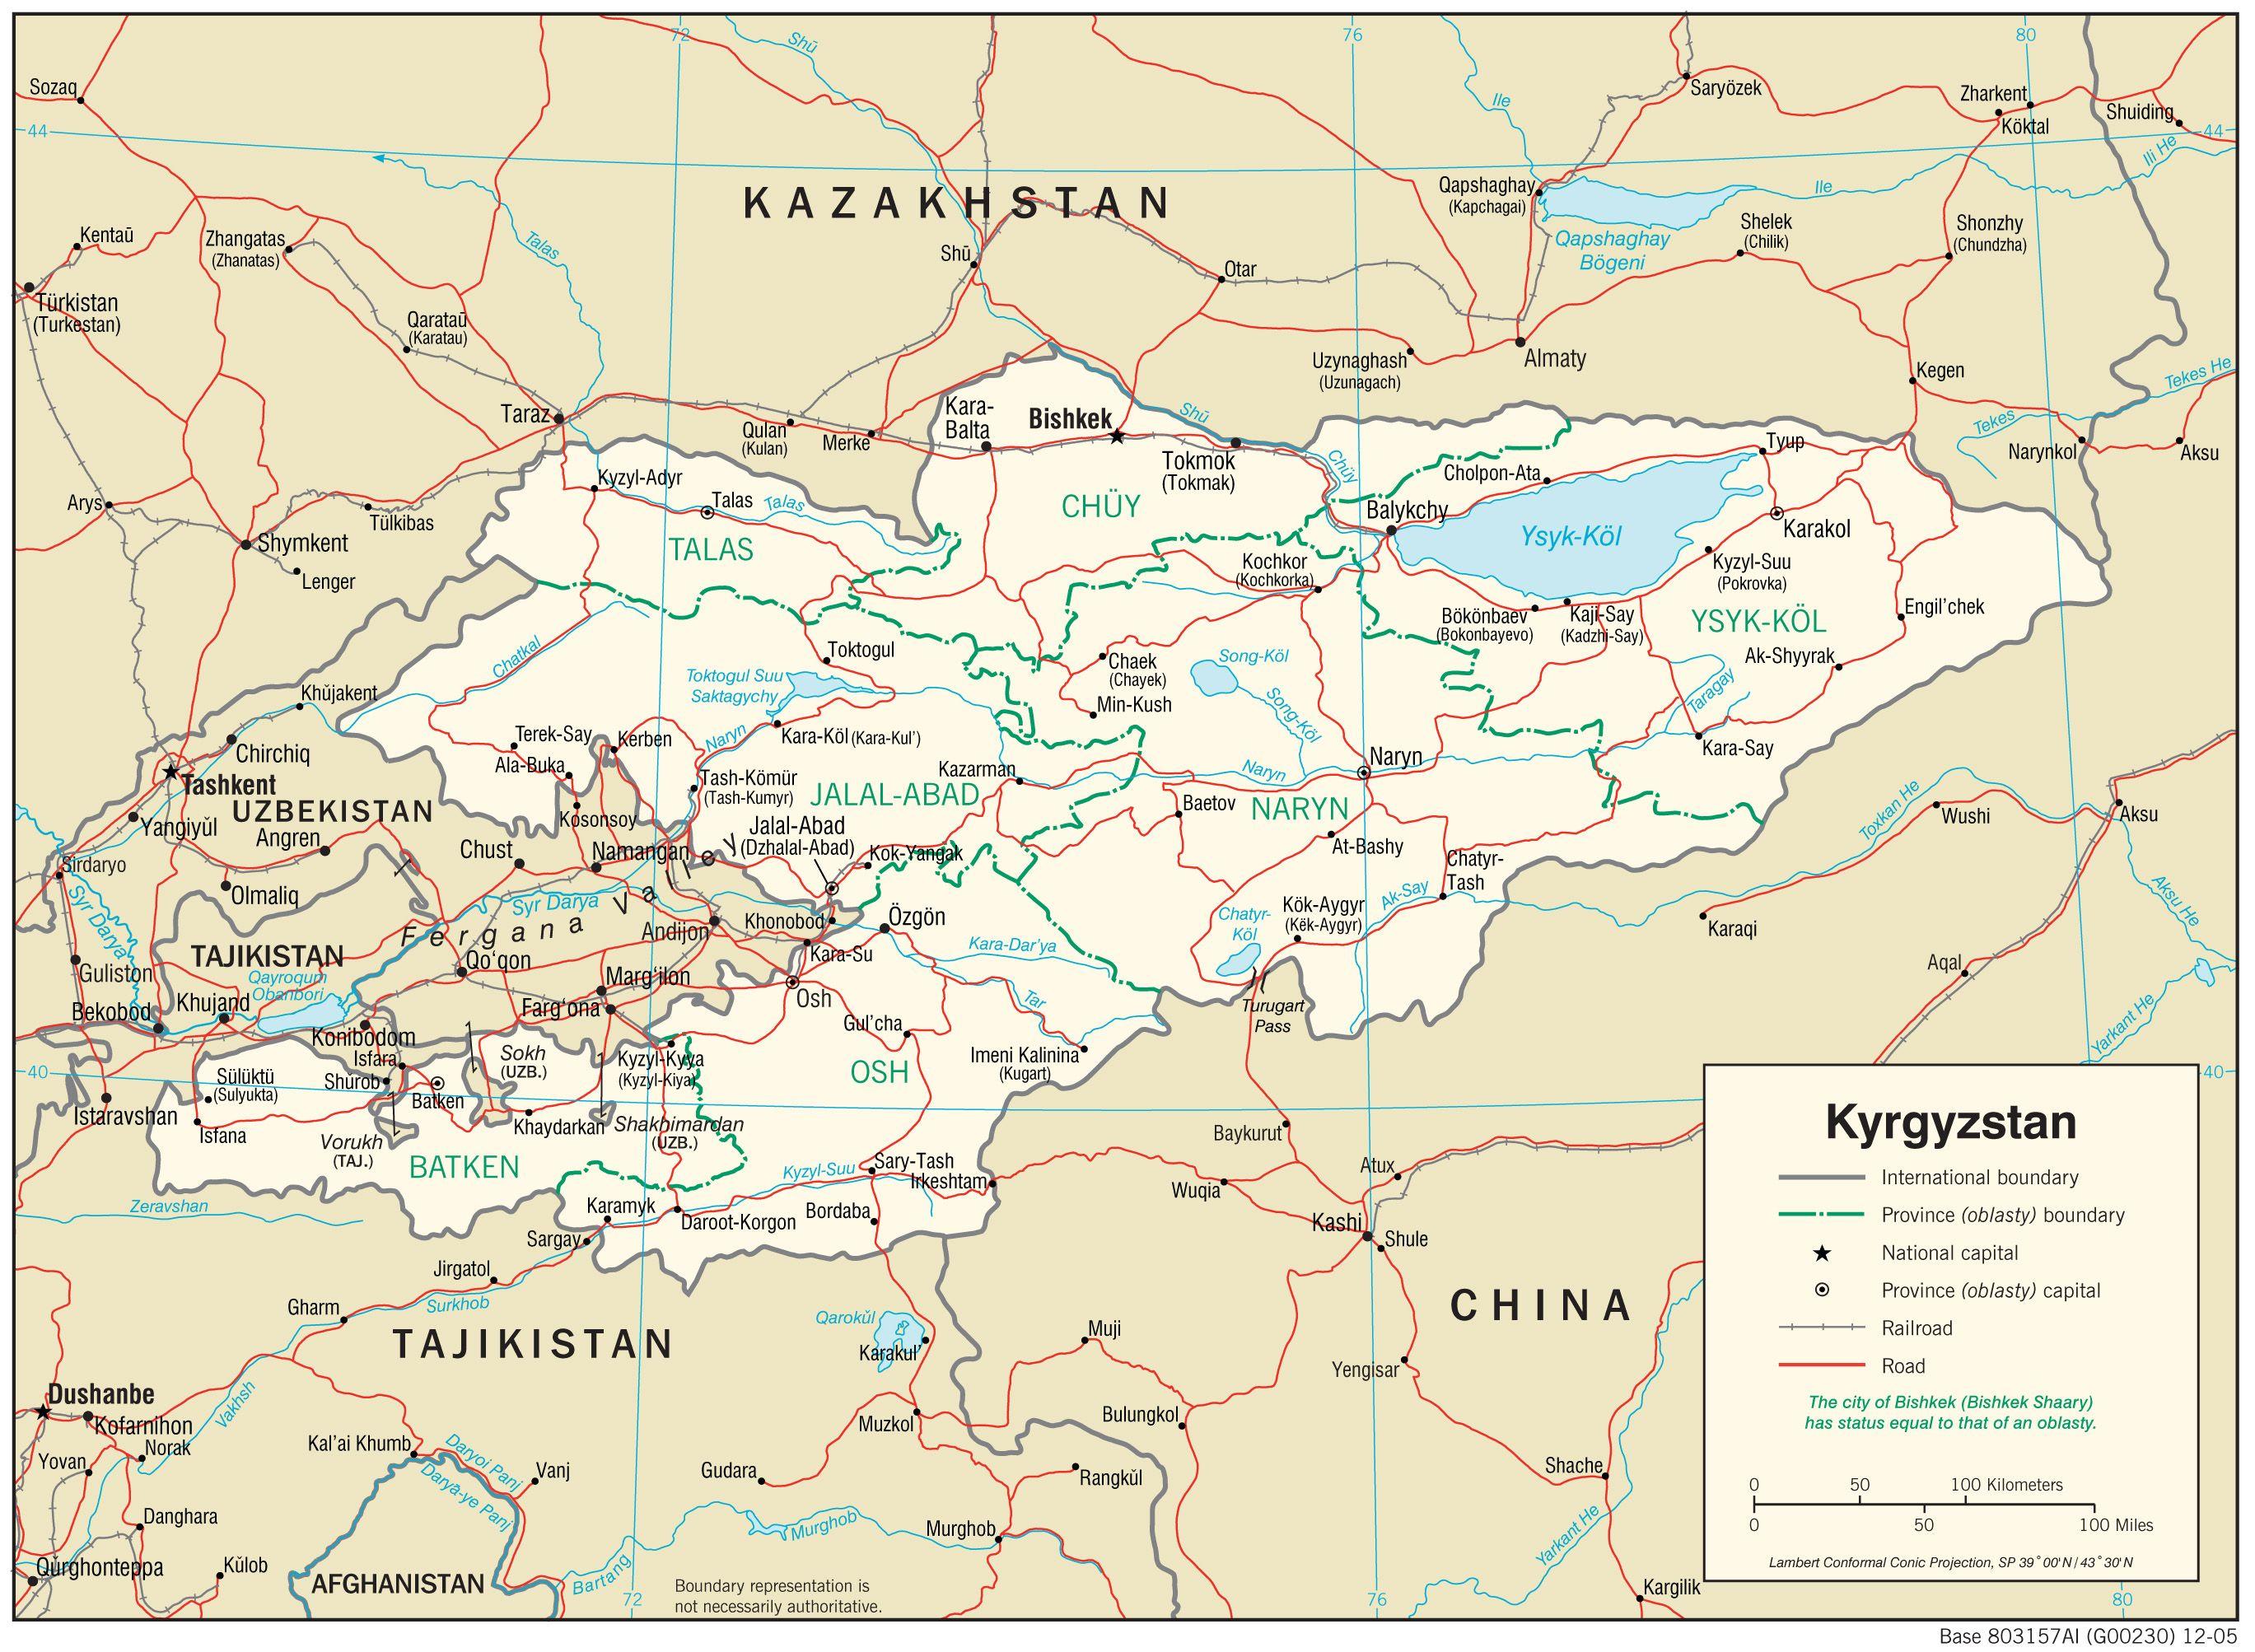 Kyrgyzstan 5831218 capital bishkek life expectancy 7092 kyrgyzstan capital bishkek life expectancy world ranking 88 publicscrutiny Gallery